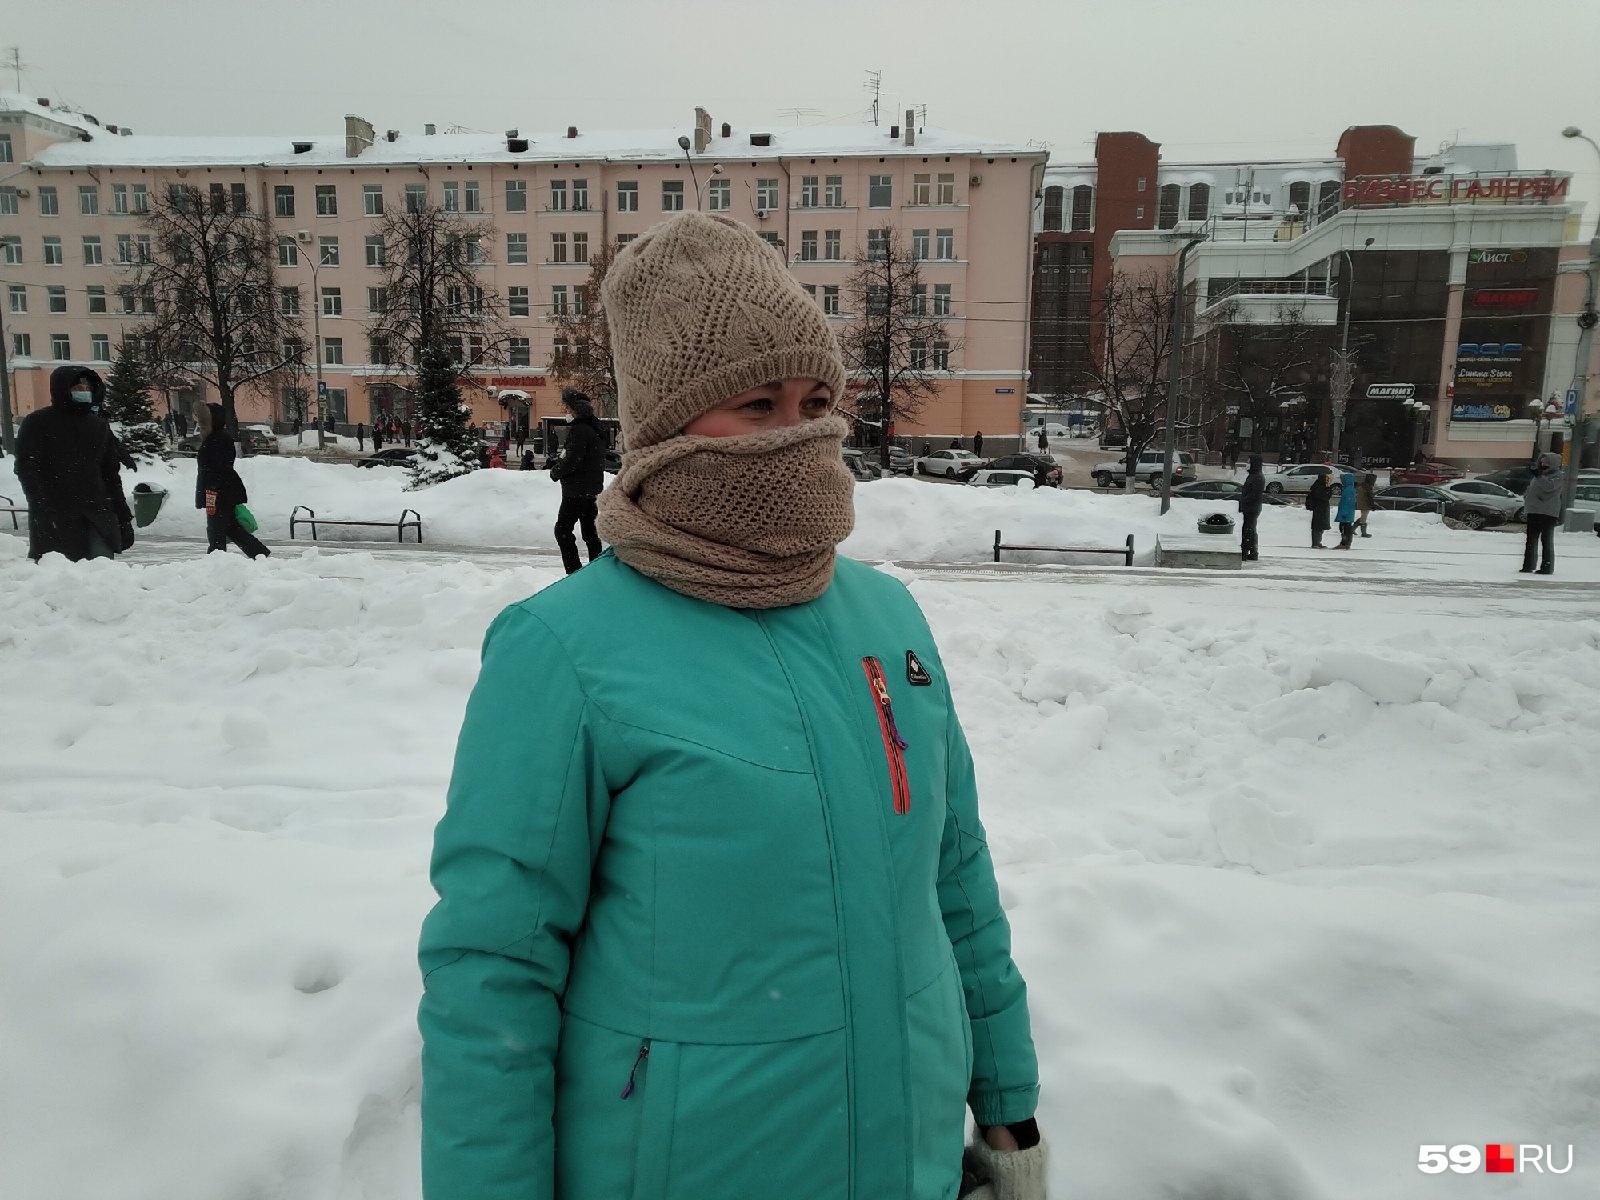 Елена не интересовалась деятельностью Навального вплоть до его задержания в аэропорту